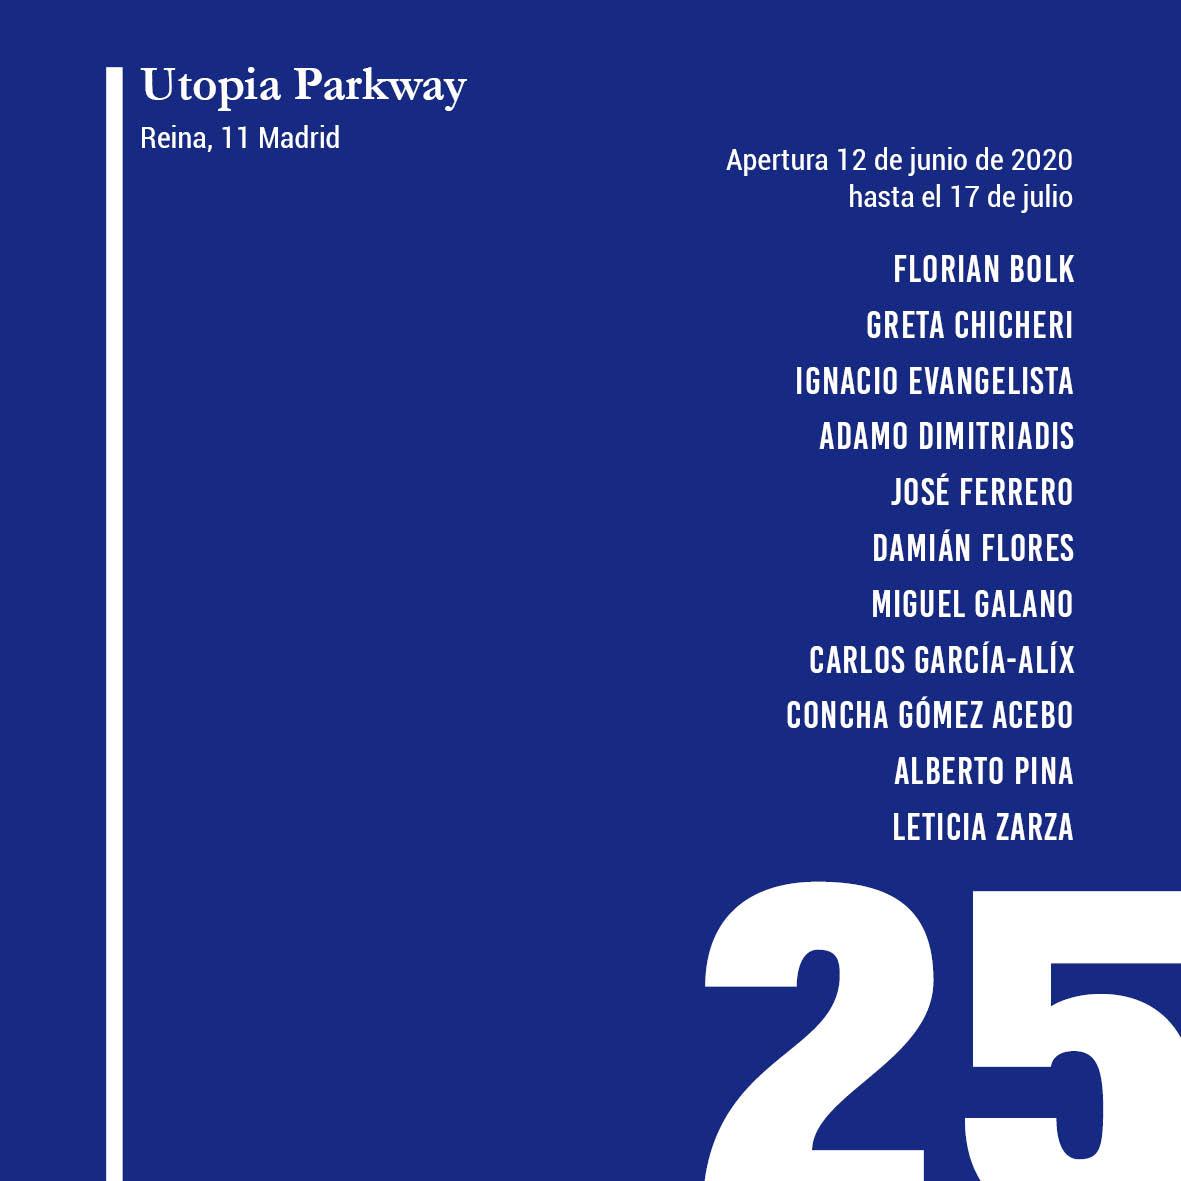 25 años de utopia